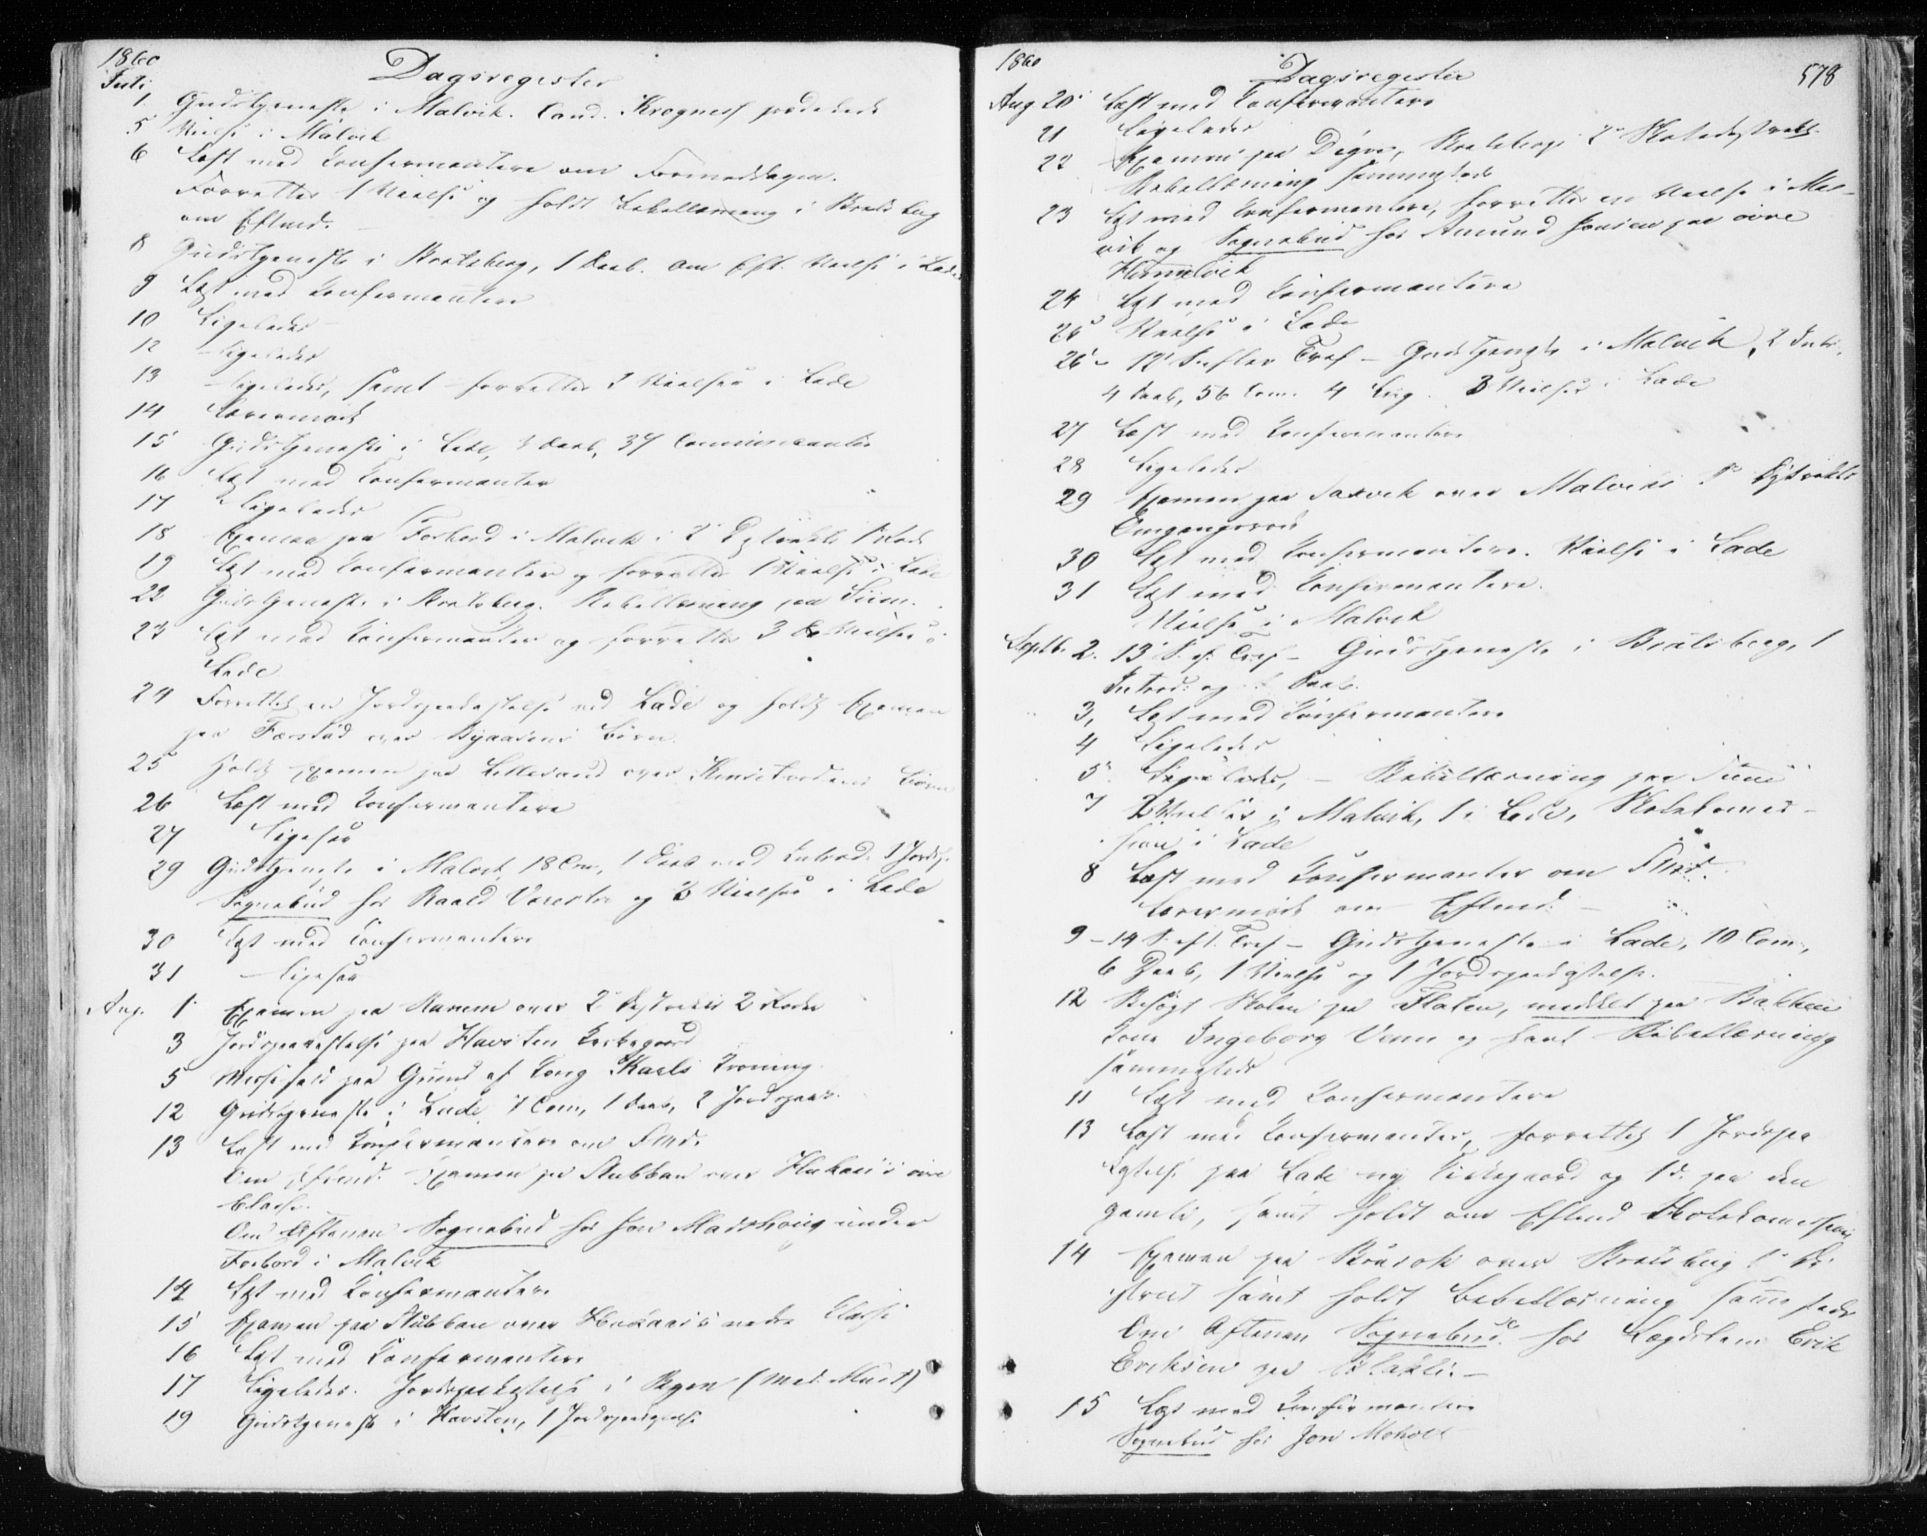 SAT, Ministerialprotokoller, klokkerbøker og fødselsregistre - Sør-Trøndelag, 606/L0292: Ministerialbok nr. 606A07, 1856-1865, s. 578